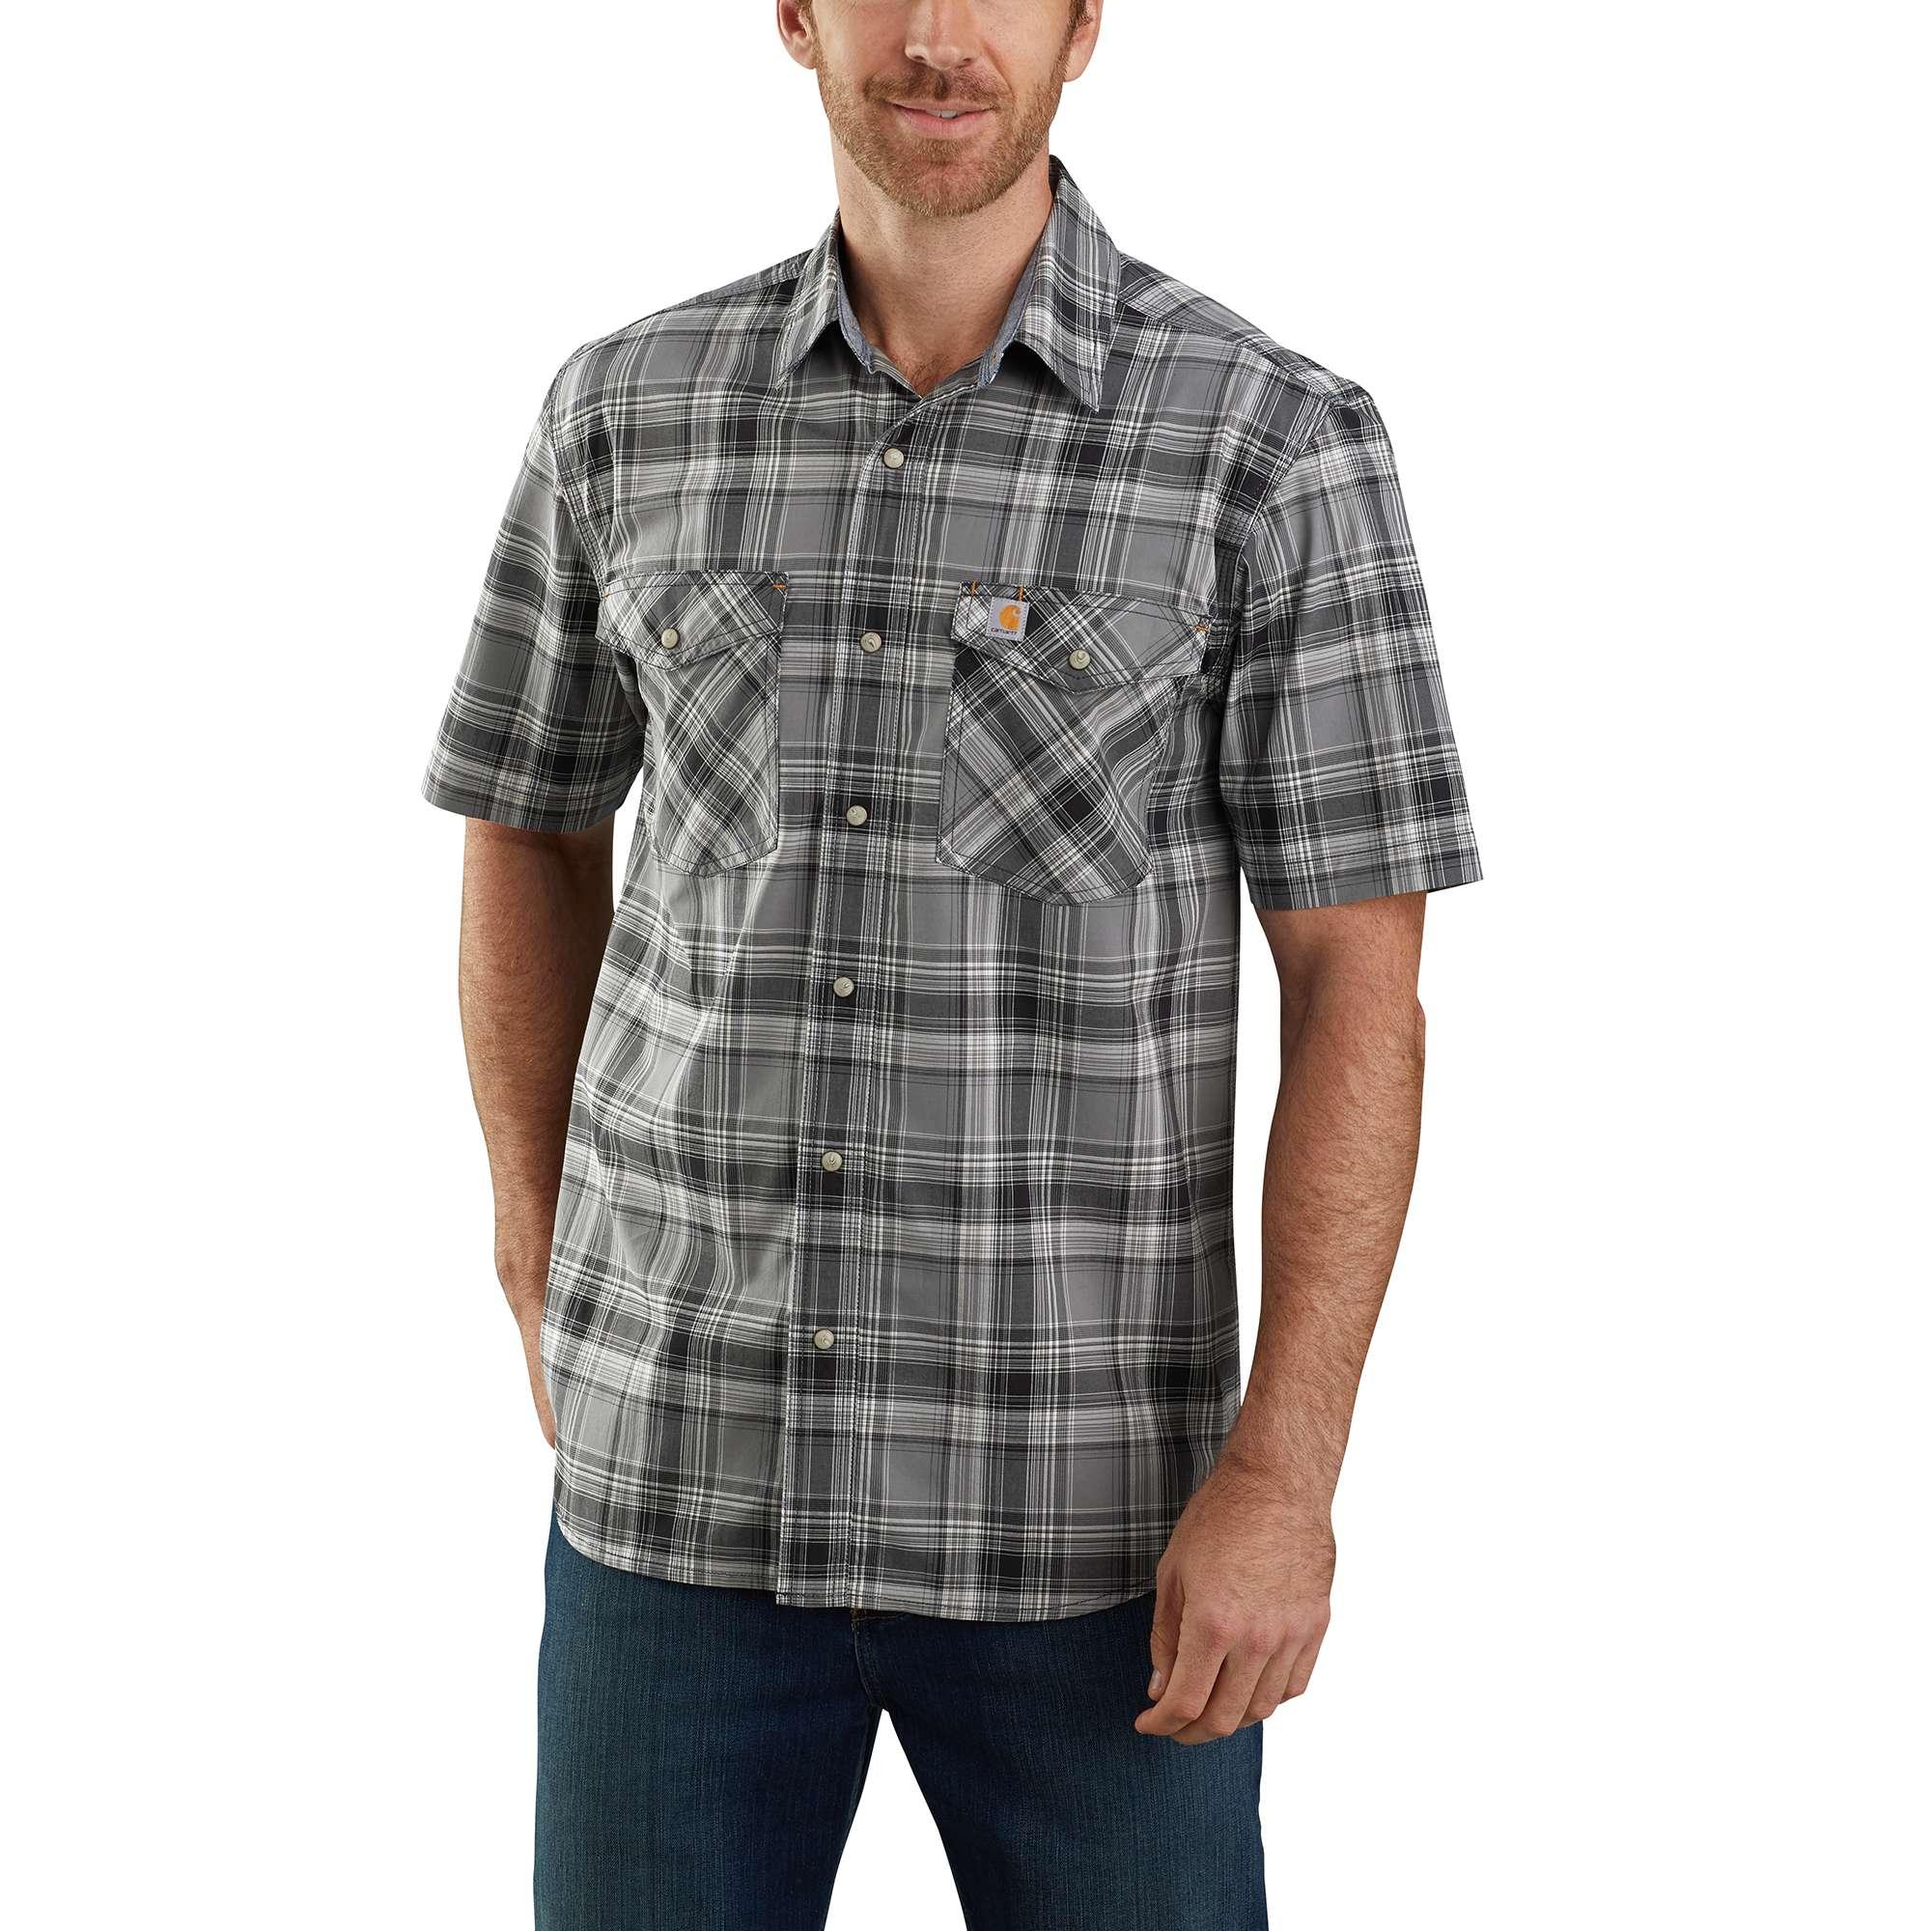 Carhartt Rugged Flex Relaxed Fit Lightweight Short-Sleeve Snap-Front Plaid Shirt